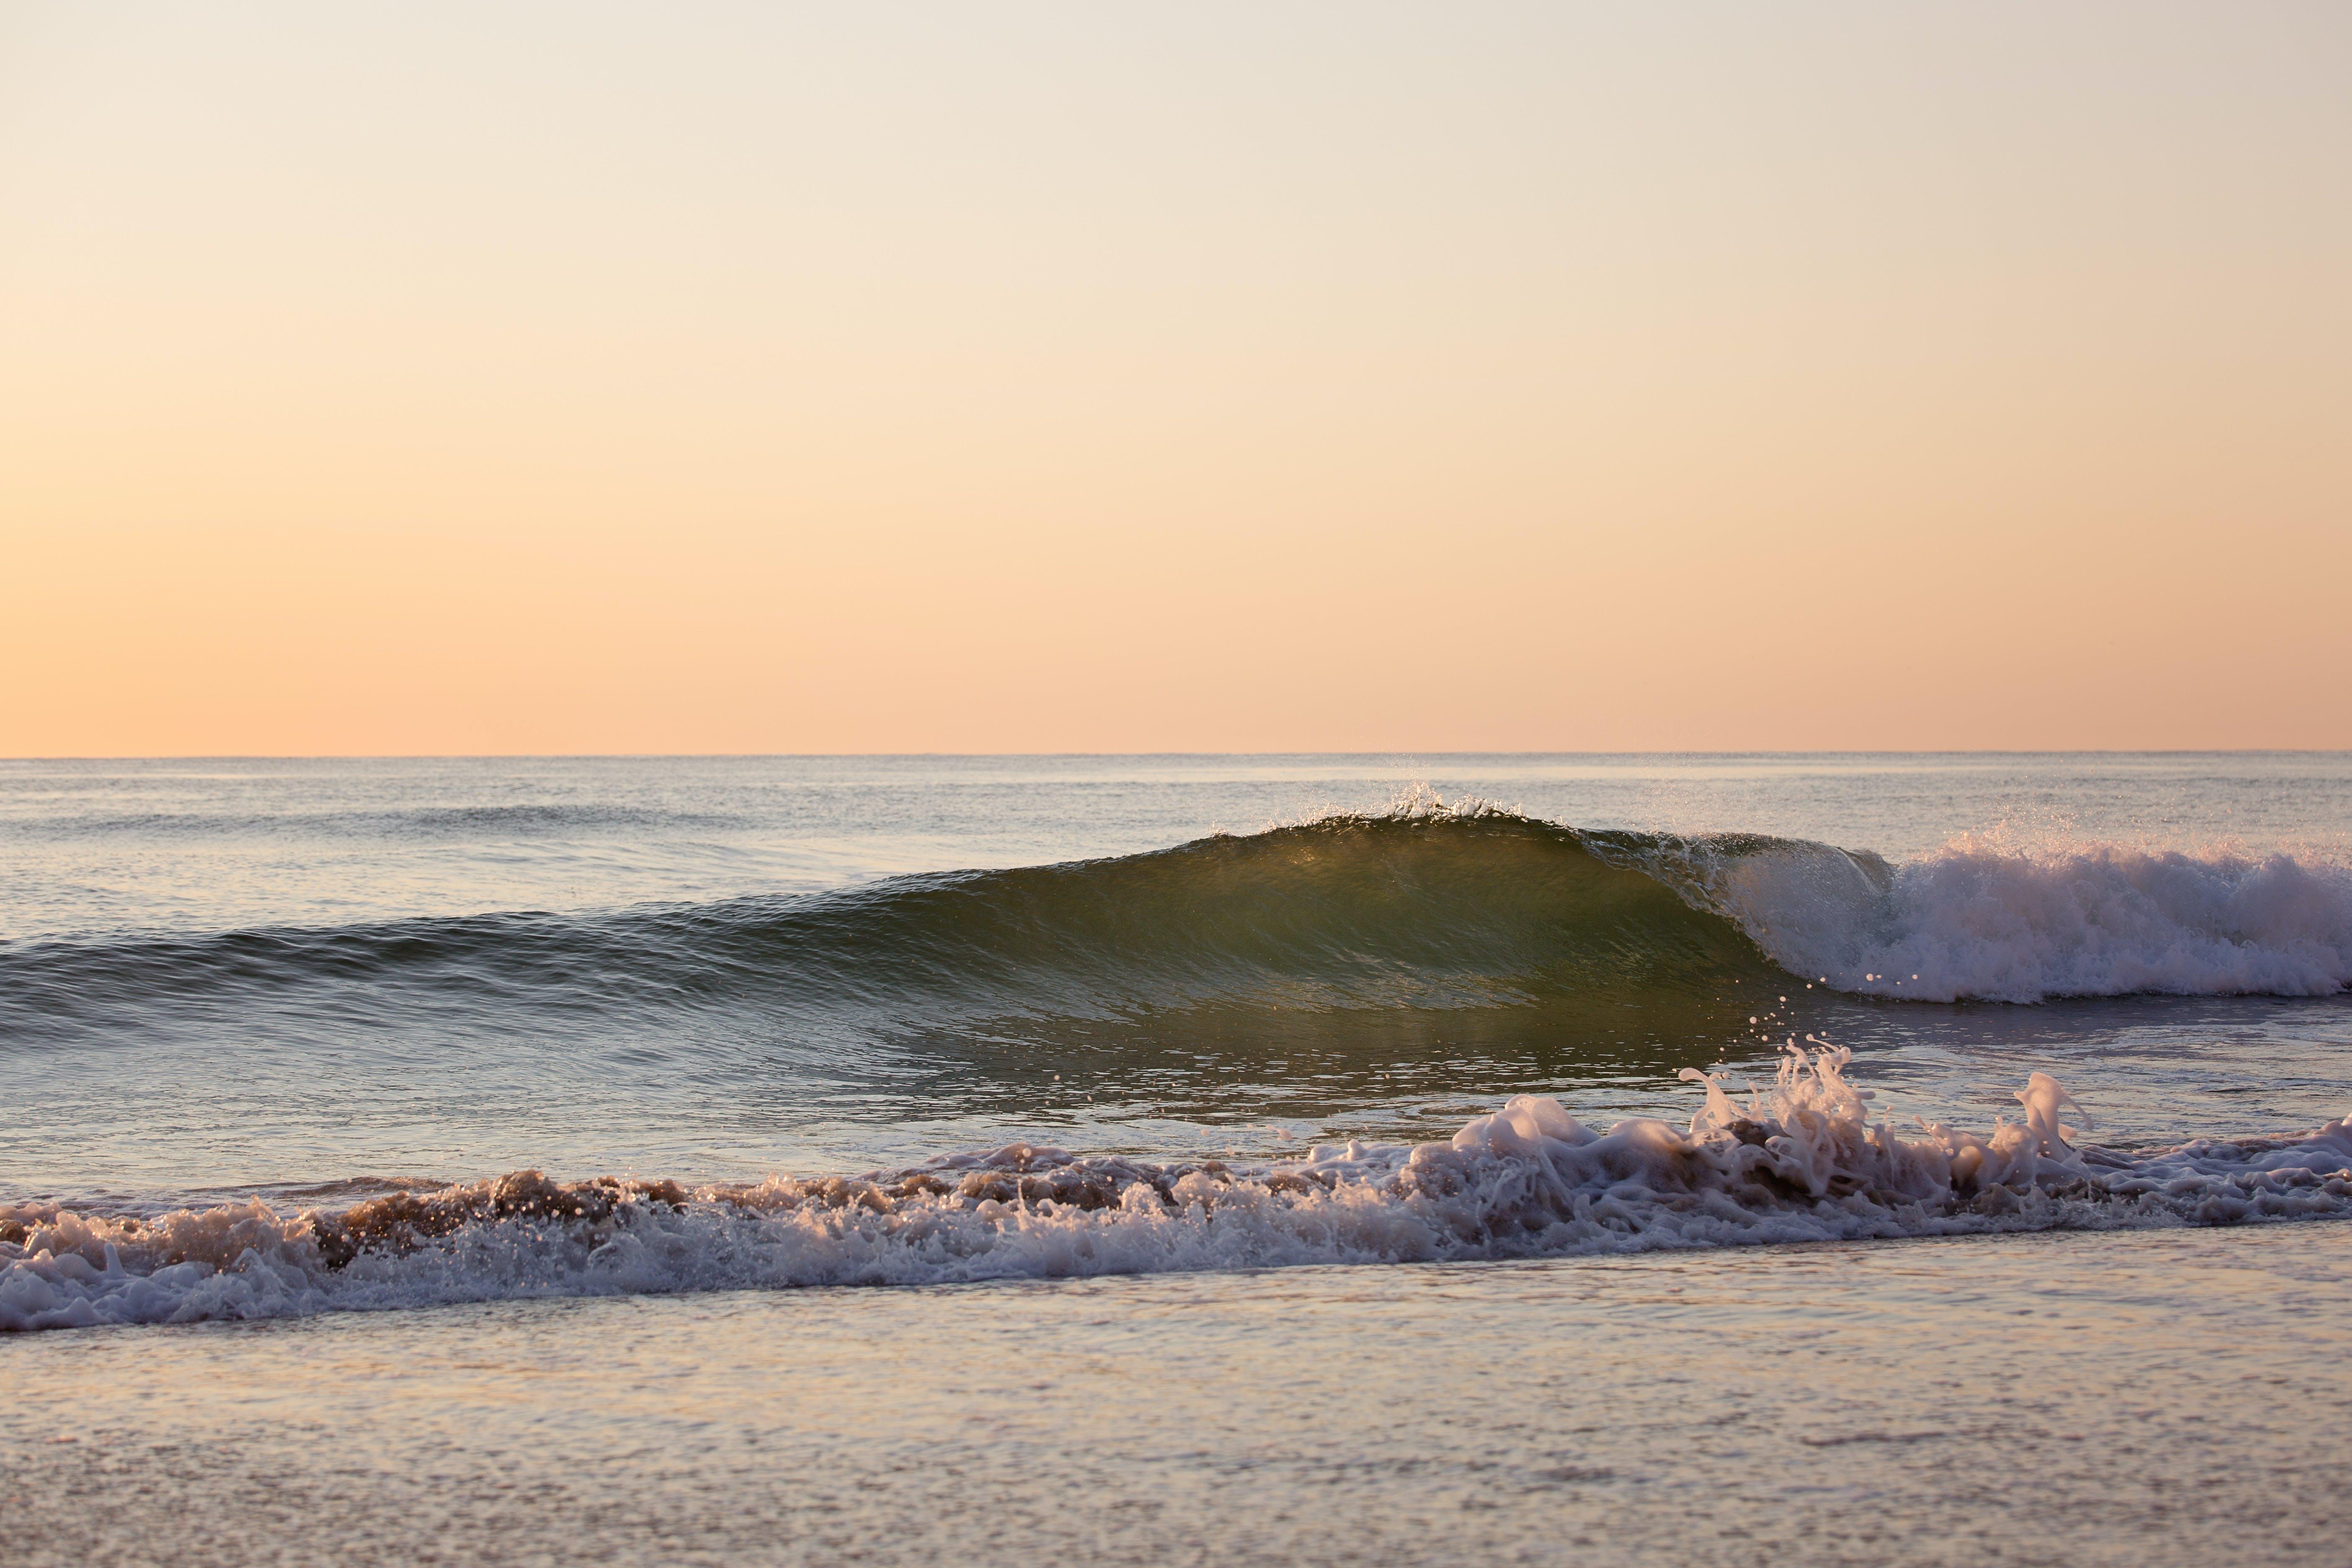 Δωρεάν στοκ φωτογραφιών με ακτή, άμμος, αφρός της θάλασσας, γνέφω